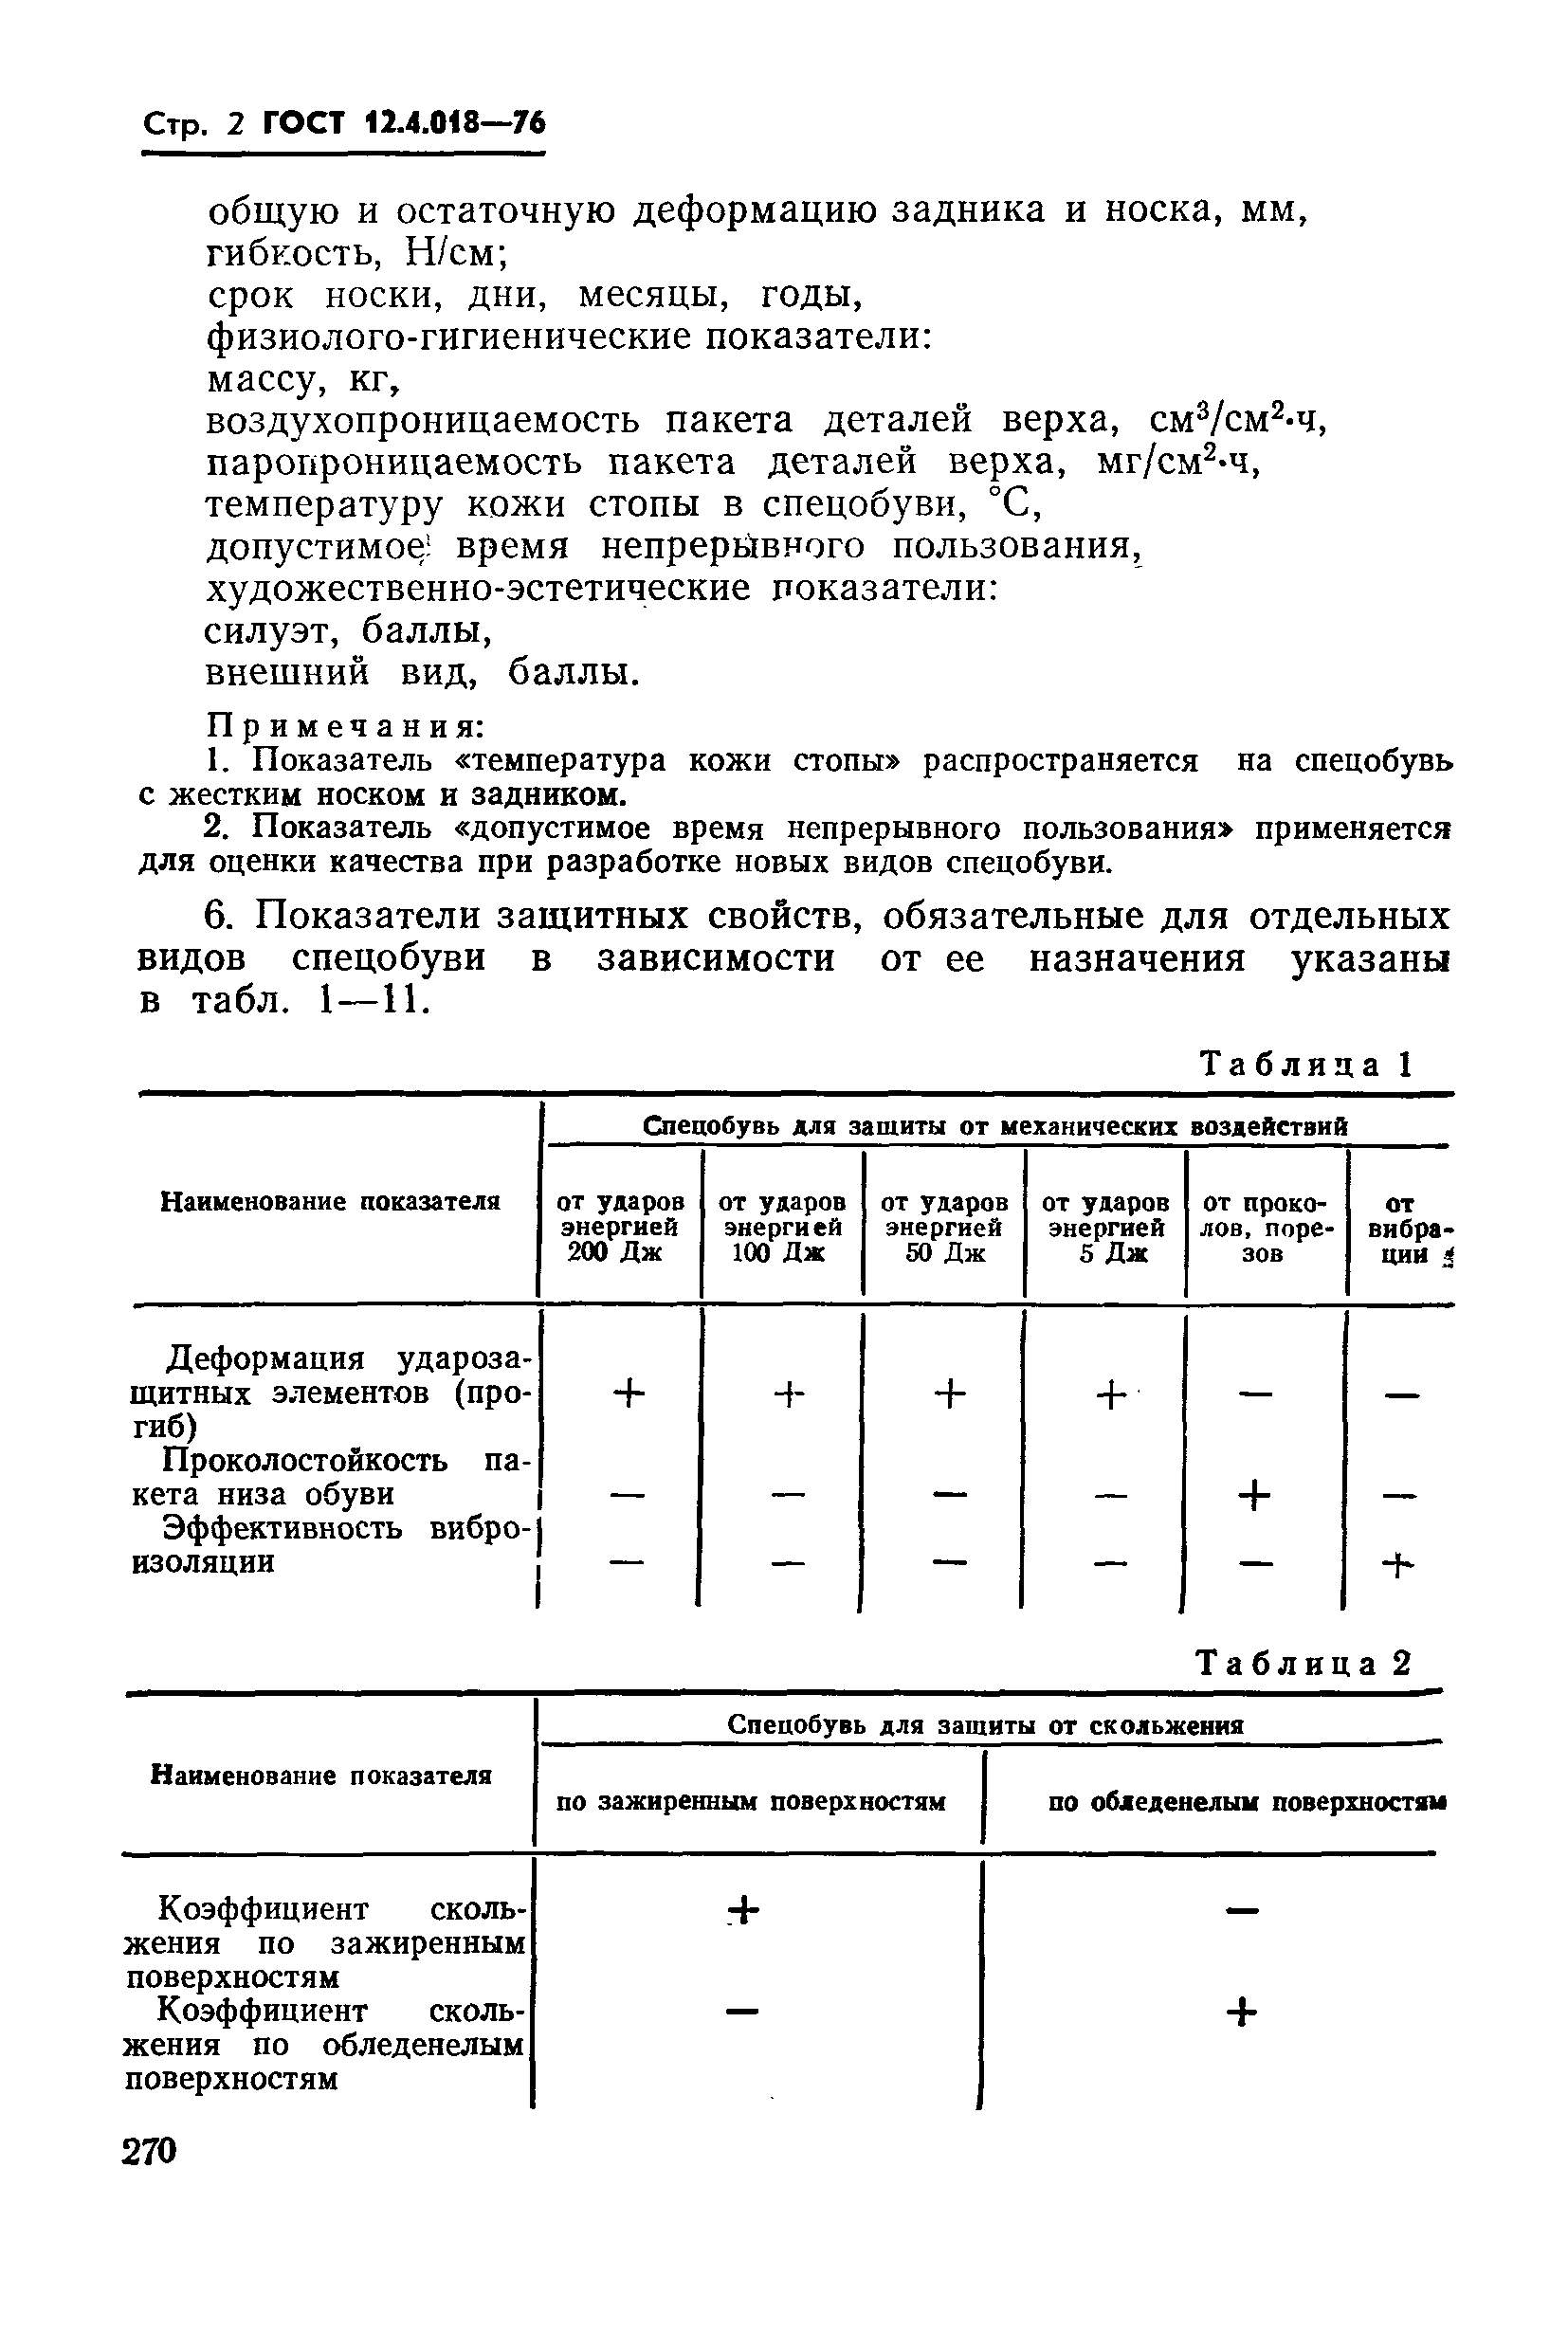 ГОСТ 12.4.018-76. Страница 2